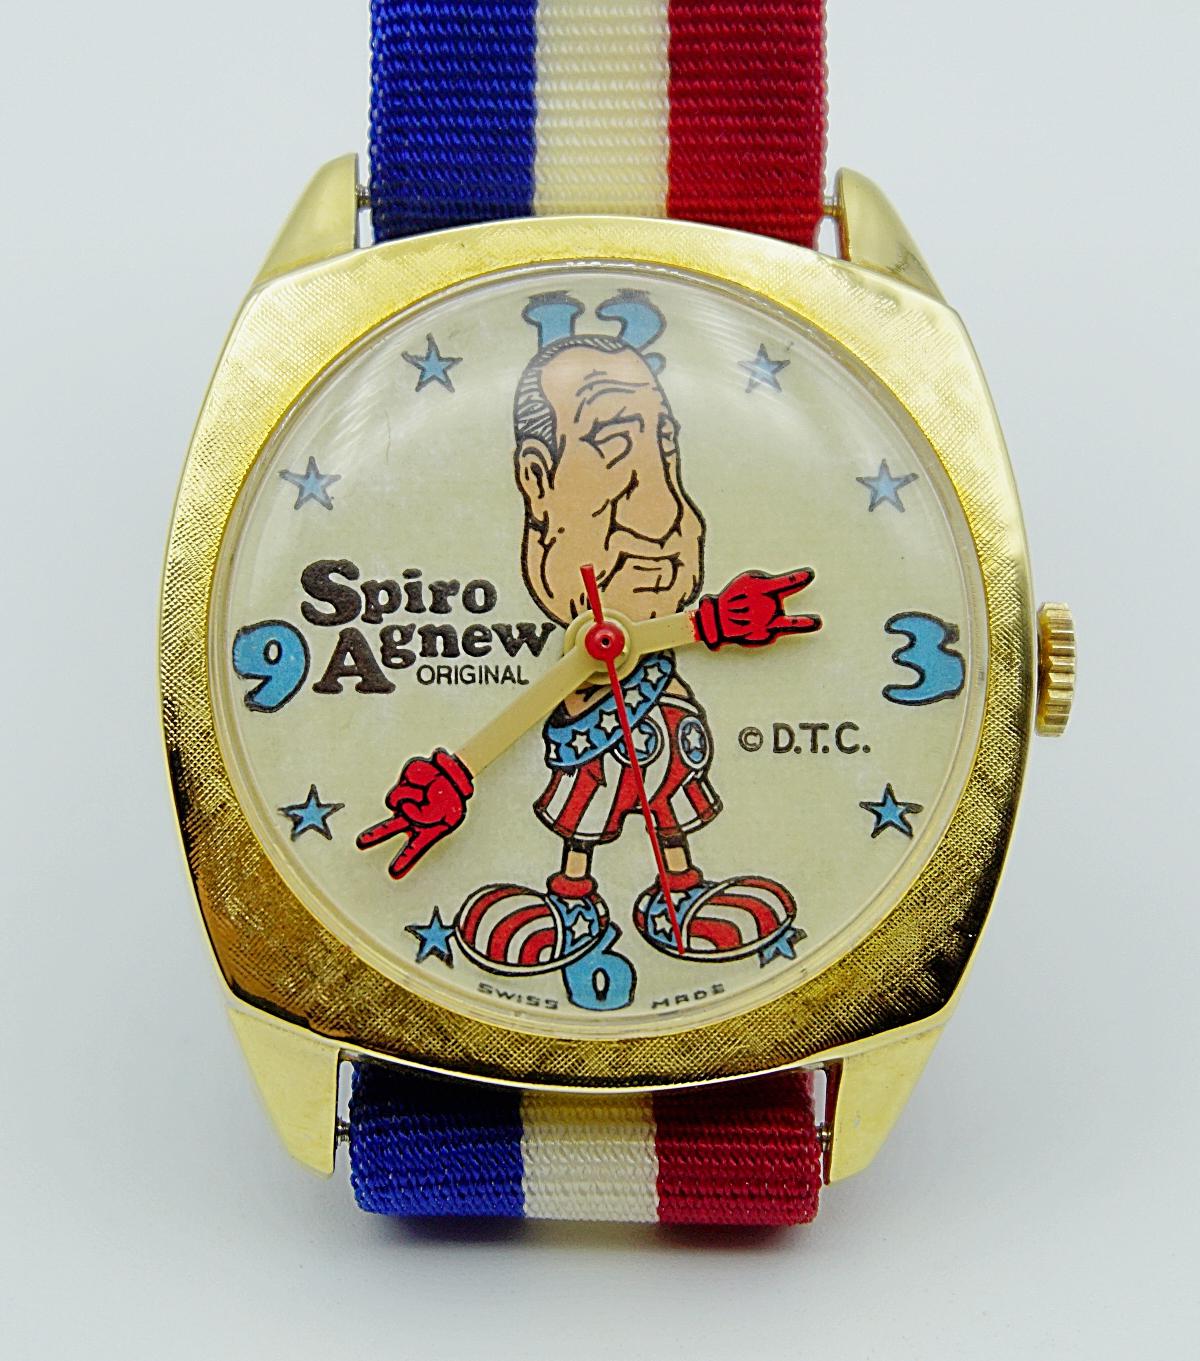 นาฬิกาเก่า SPIRO AGNEW ไขลาน